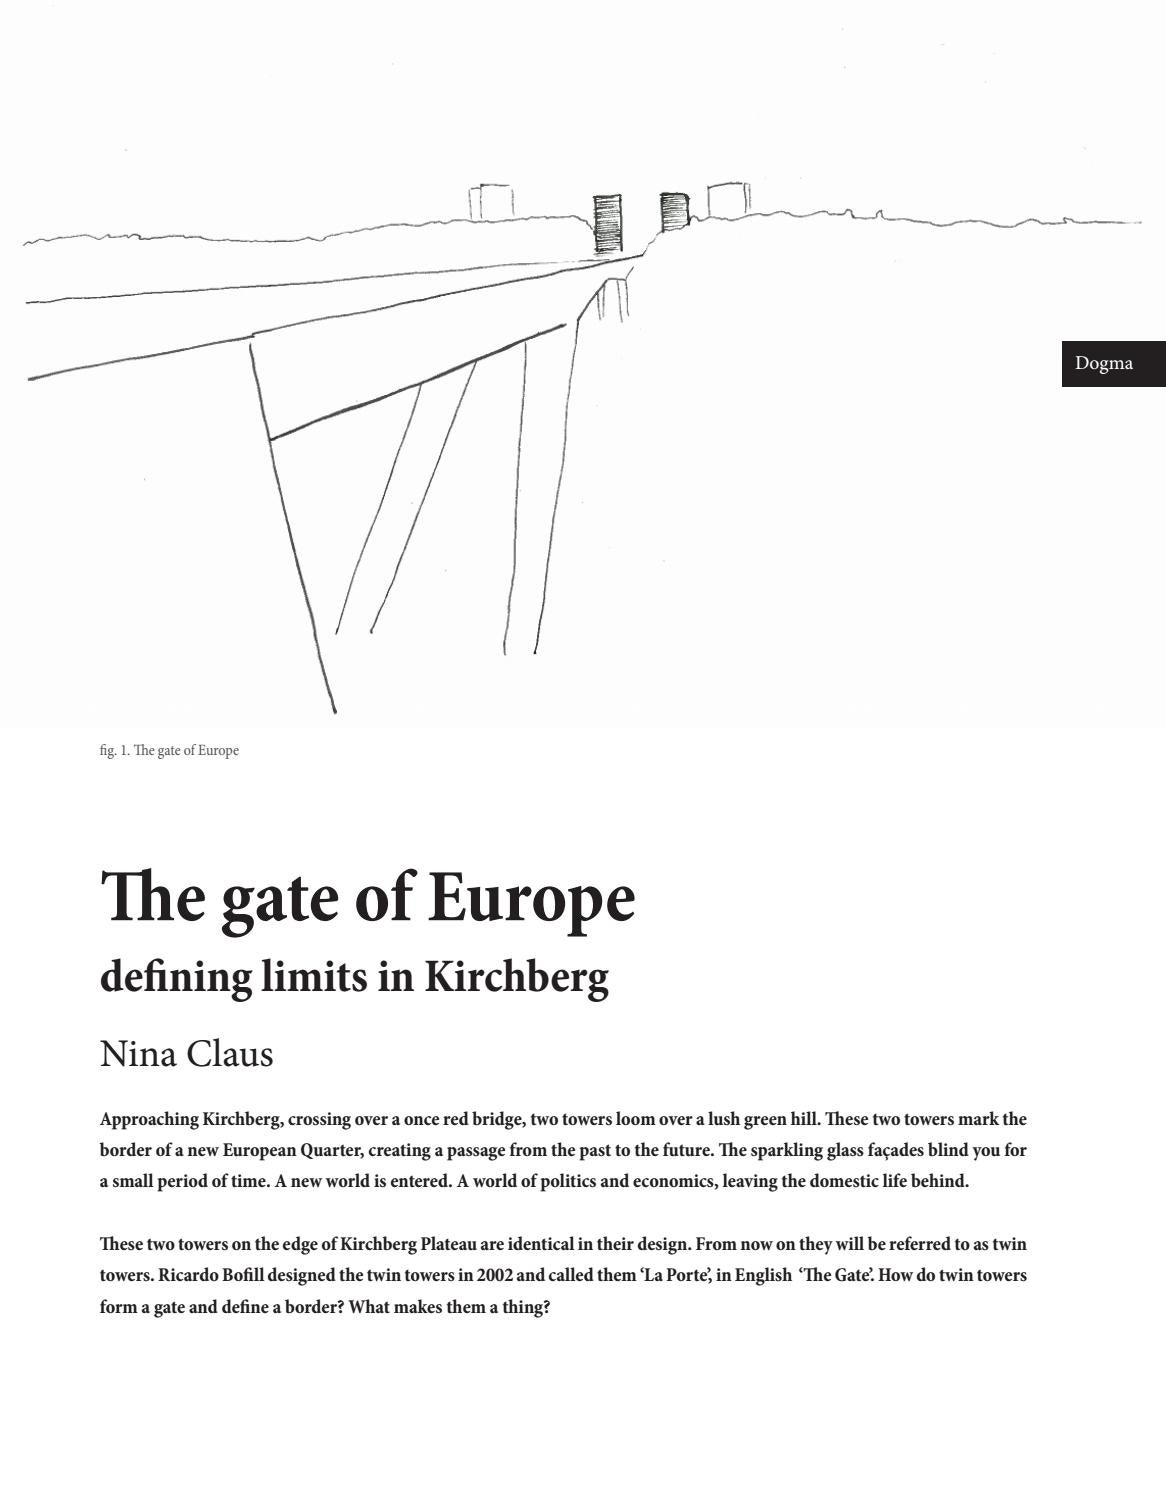 Dogma Nina Claus by Nina Claus - issuu